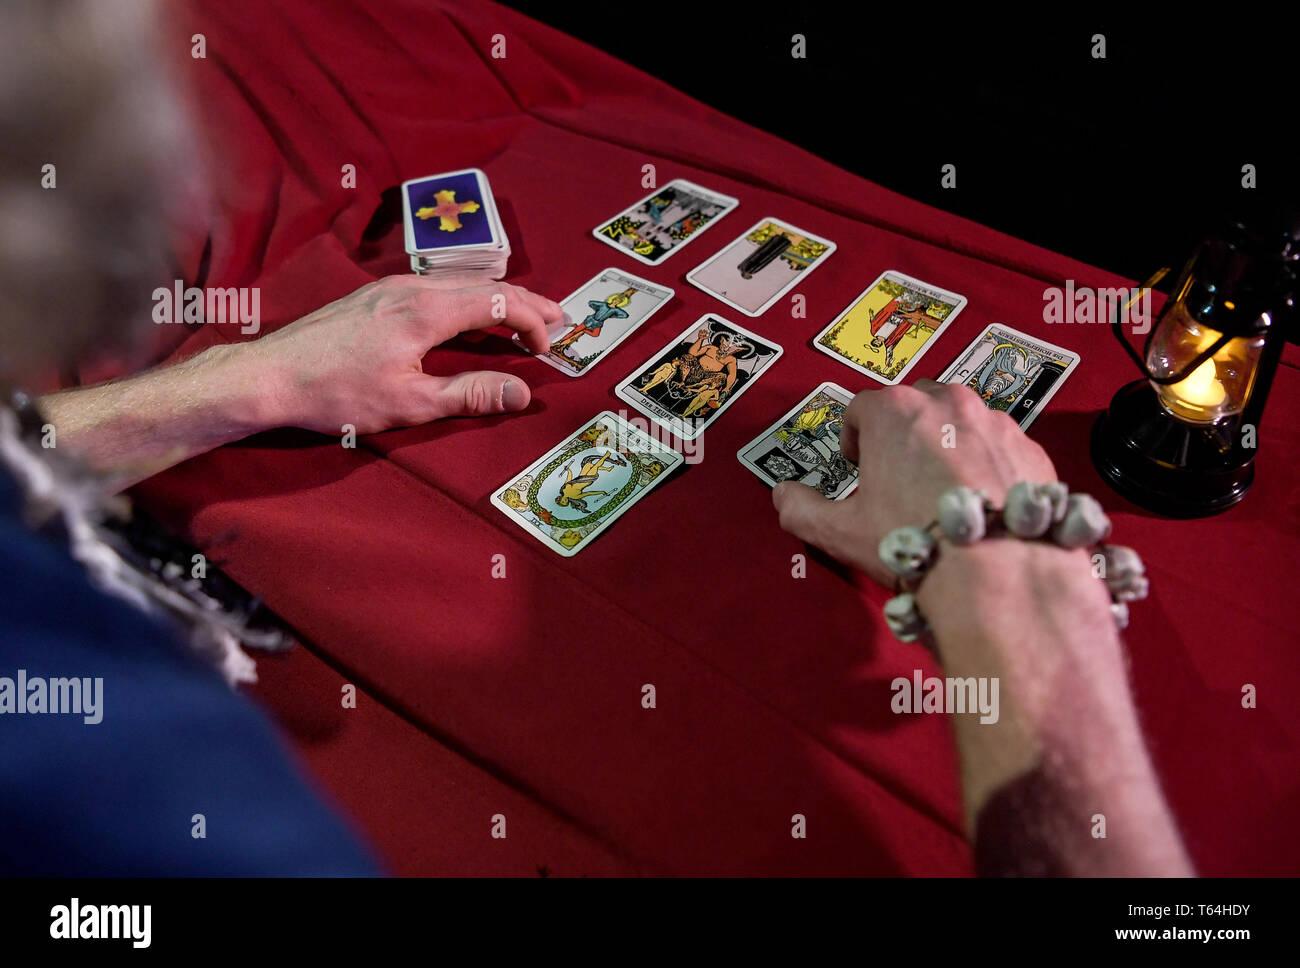 matchmaking tarot